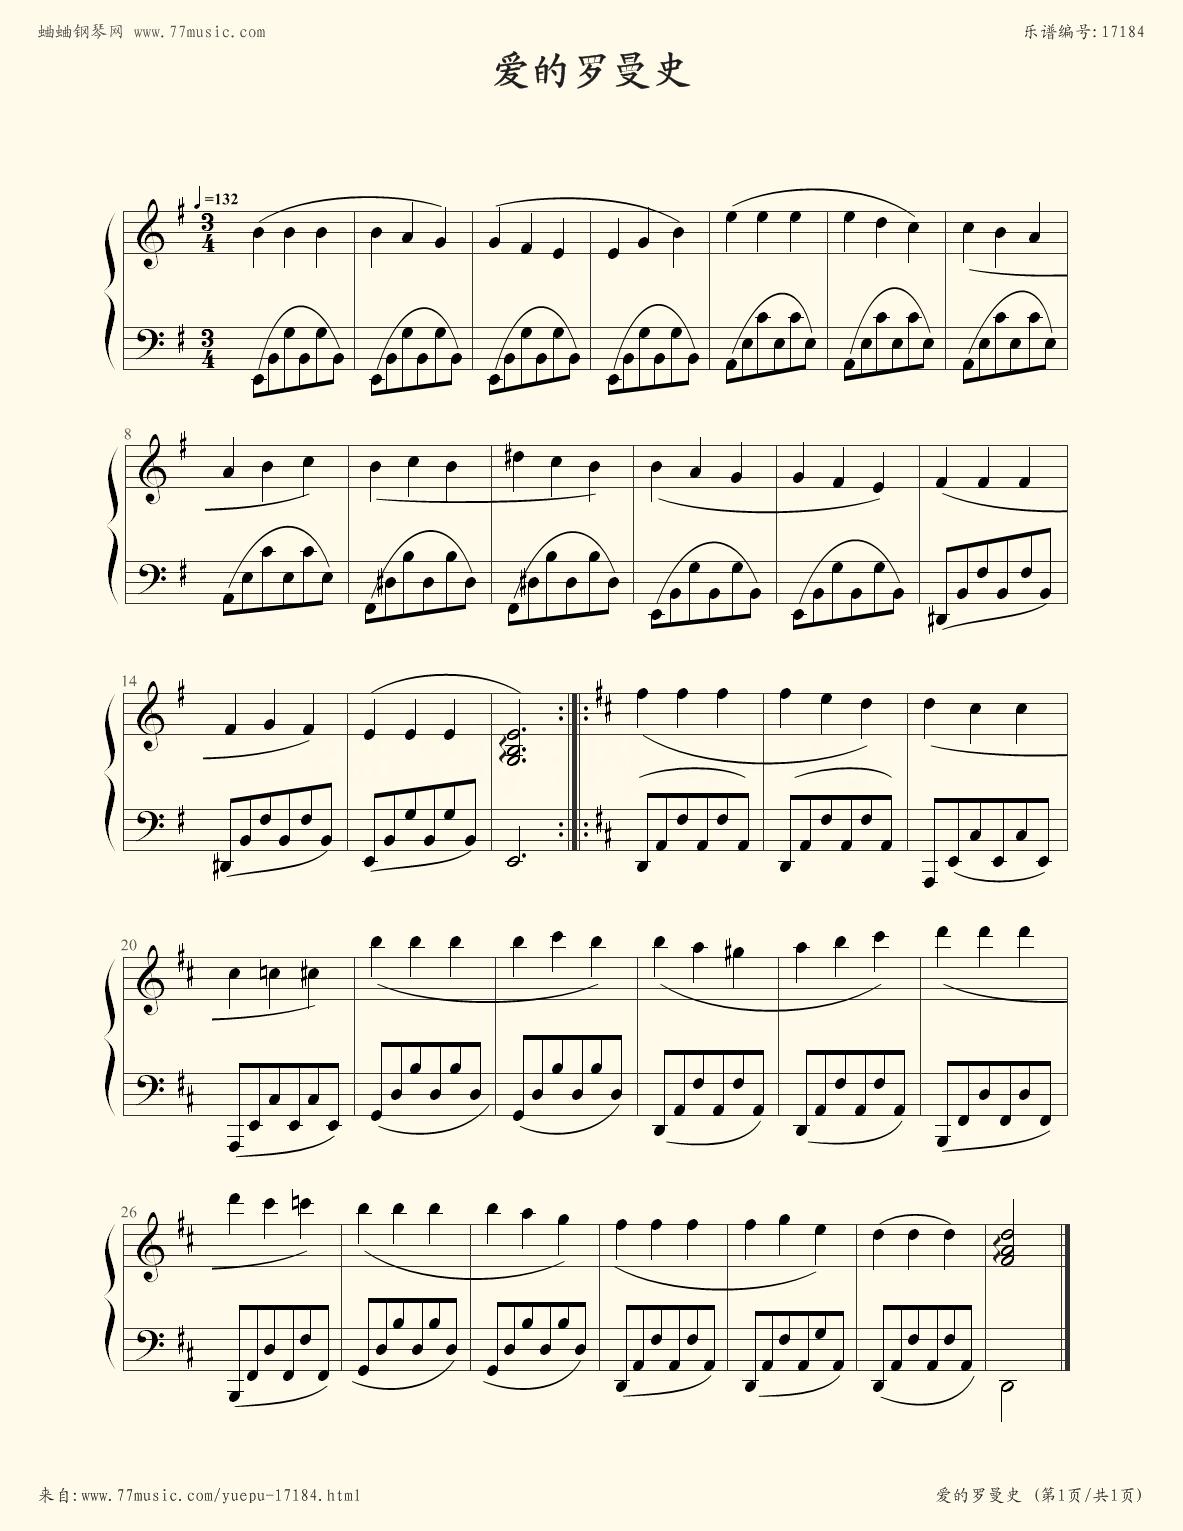 爱的罗曼史钢琴曲 爱的罗曼斯钢琴曲 爱的罗曼史吉他独奏图片